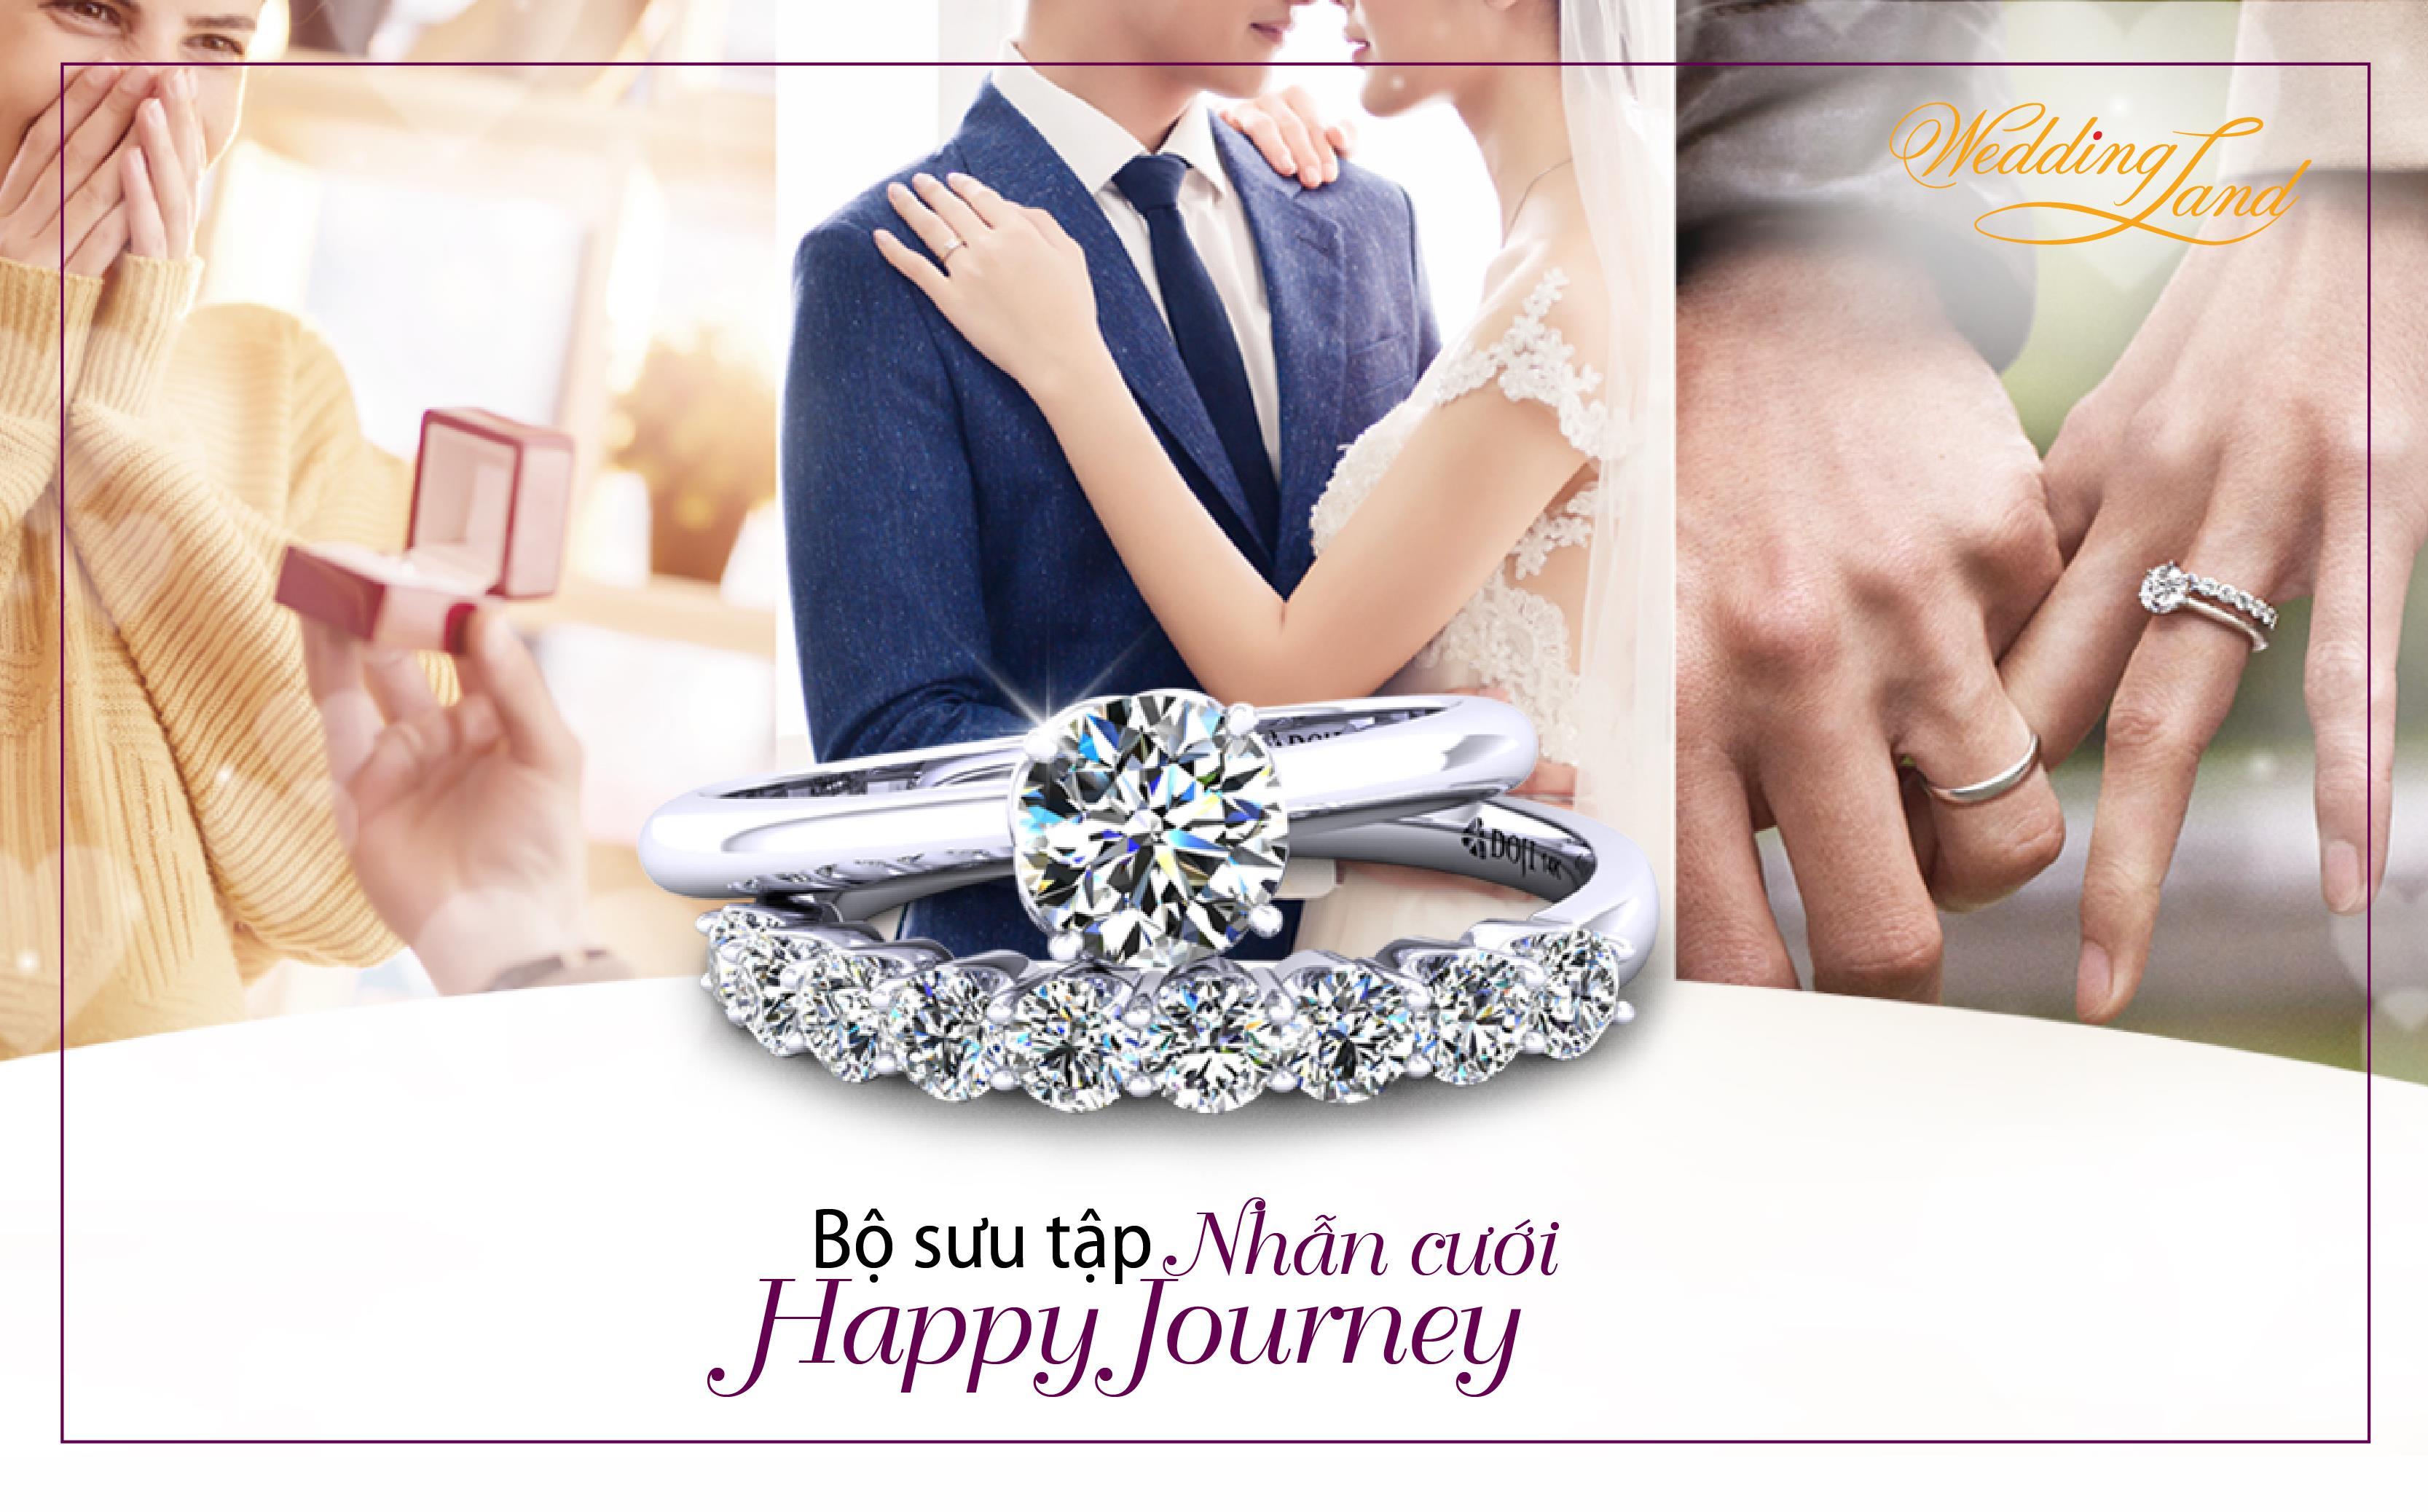 Nhẫn cưới DOJI, cùng uyên ương xây hành trình hạnh phúc - Ảnh 1.